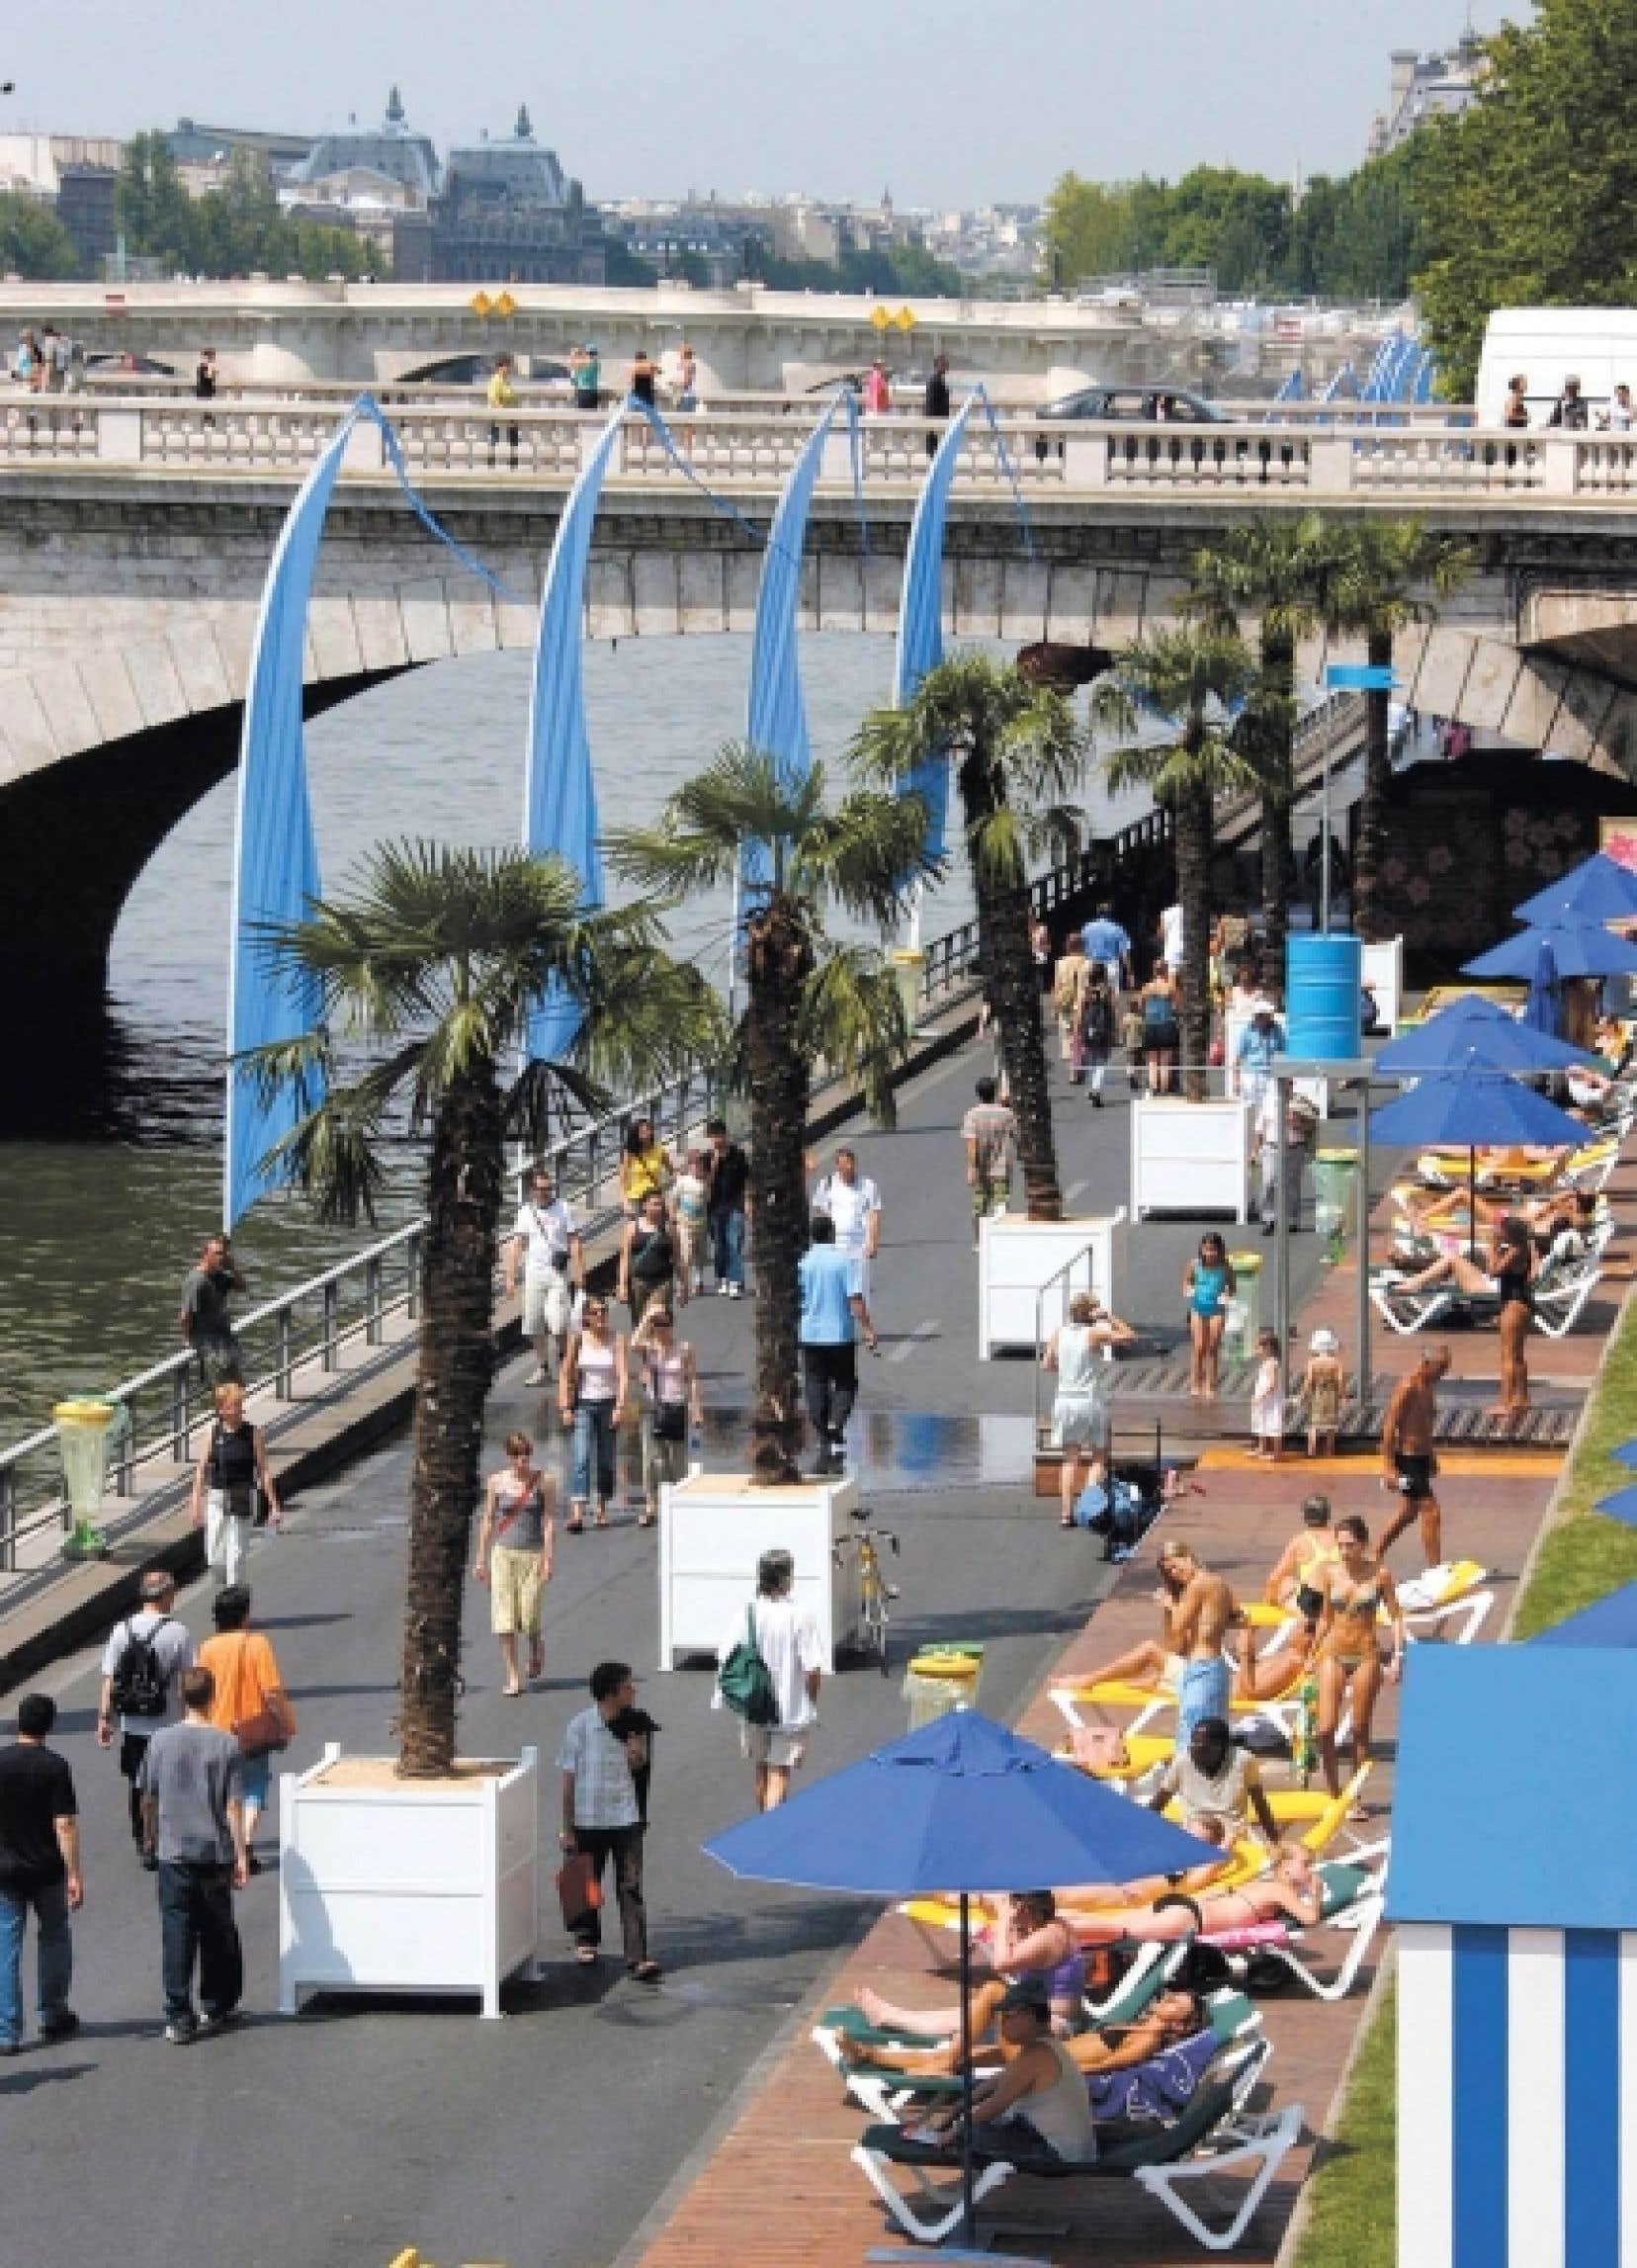 Depuis 2002, avec Paris Plages, les quais se donnent des allures de station baln&eacute;aire pendant un mois de l&rsquo;&eacute;t&eacute;. <br />